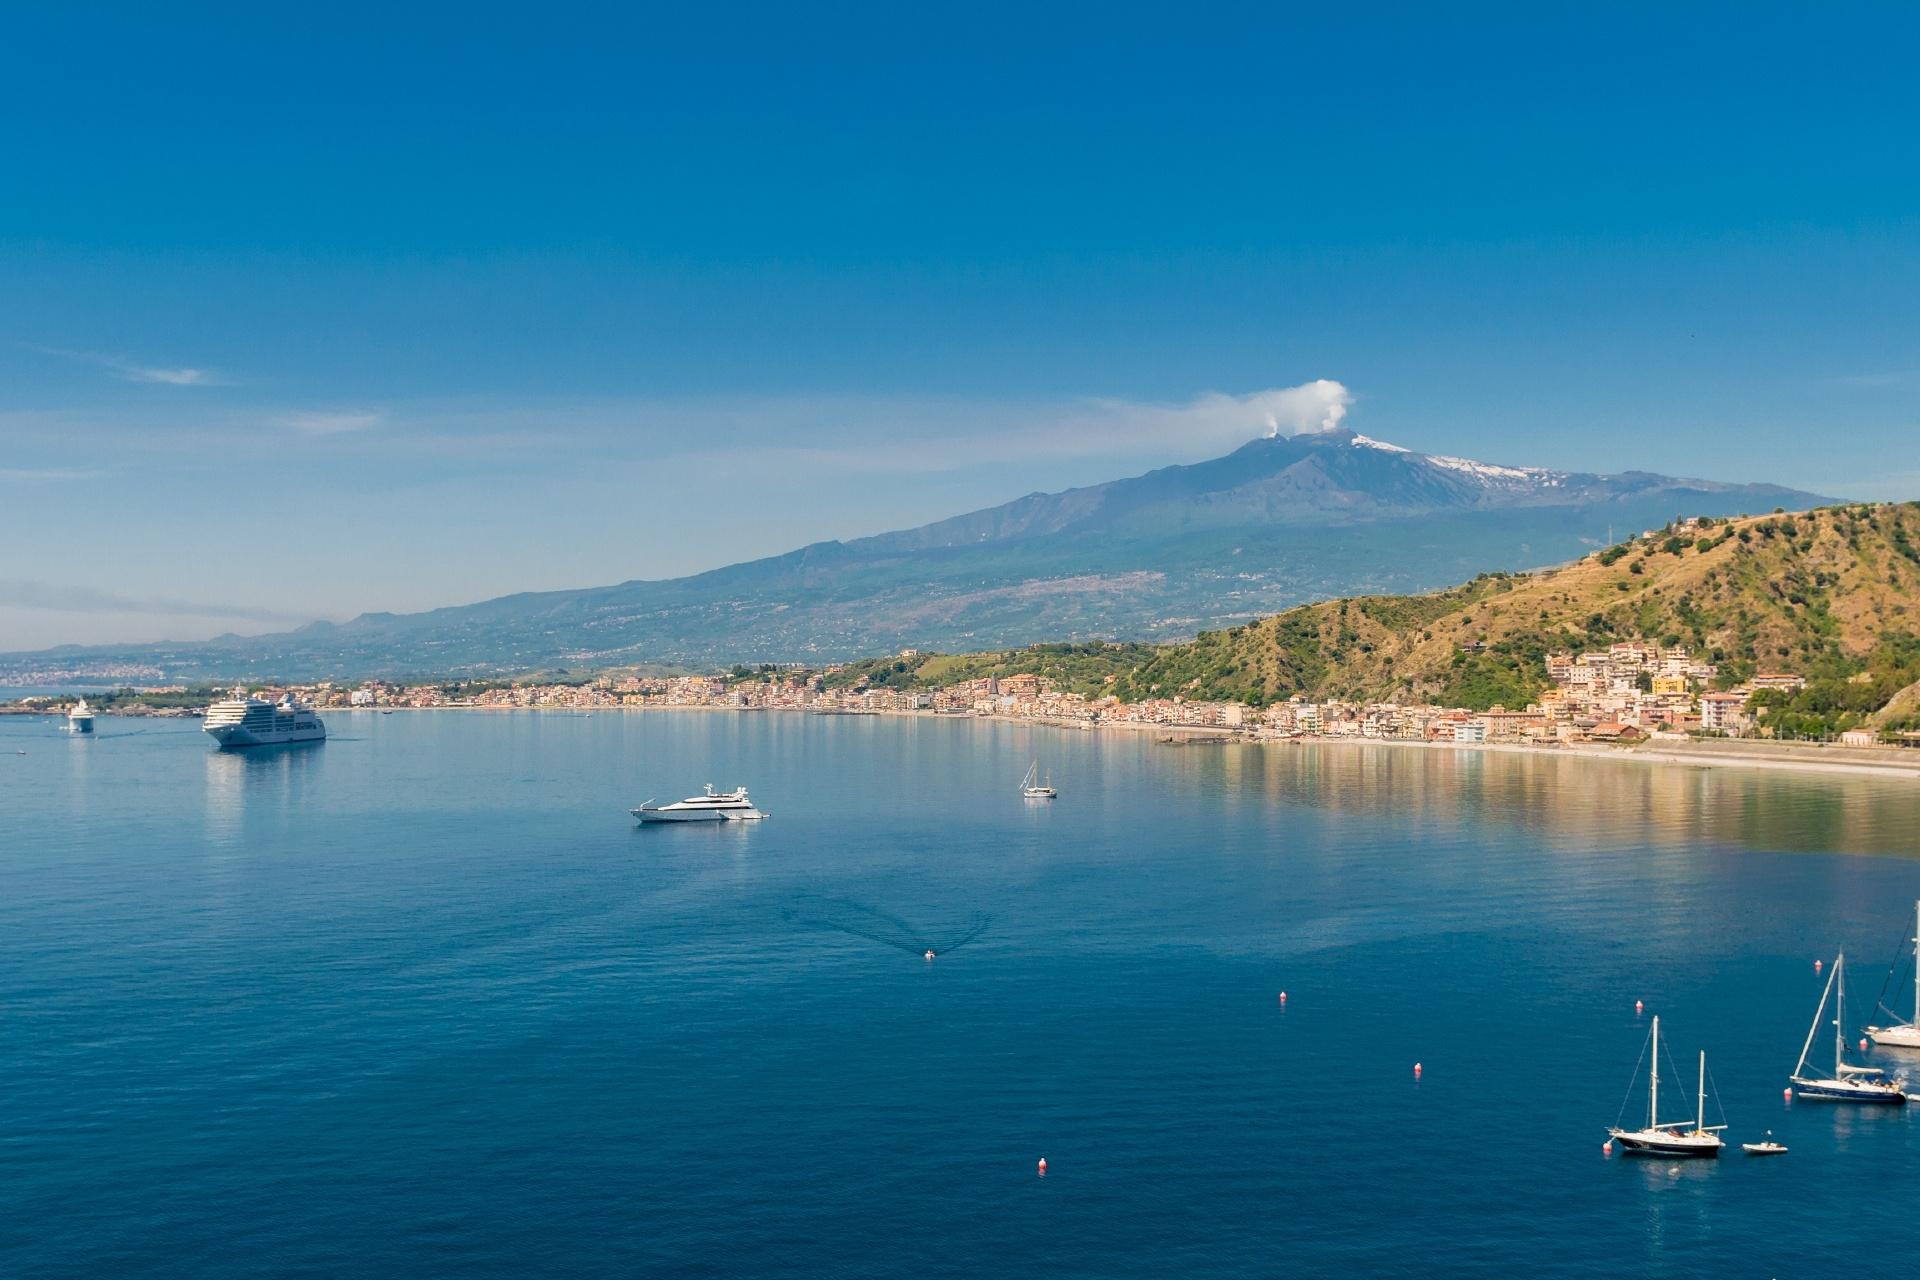 シチリア島の風景 イタリアの風景